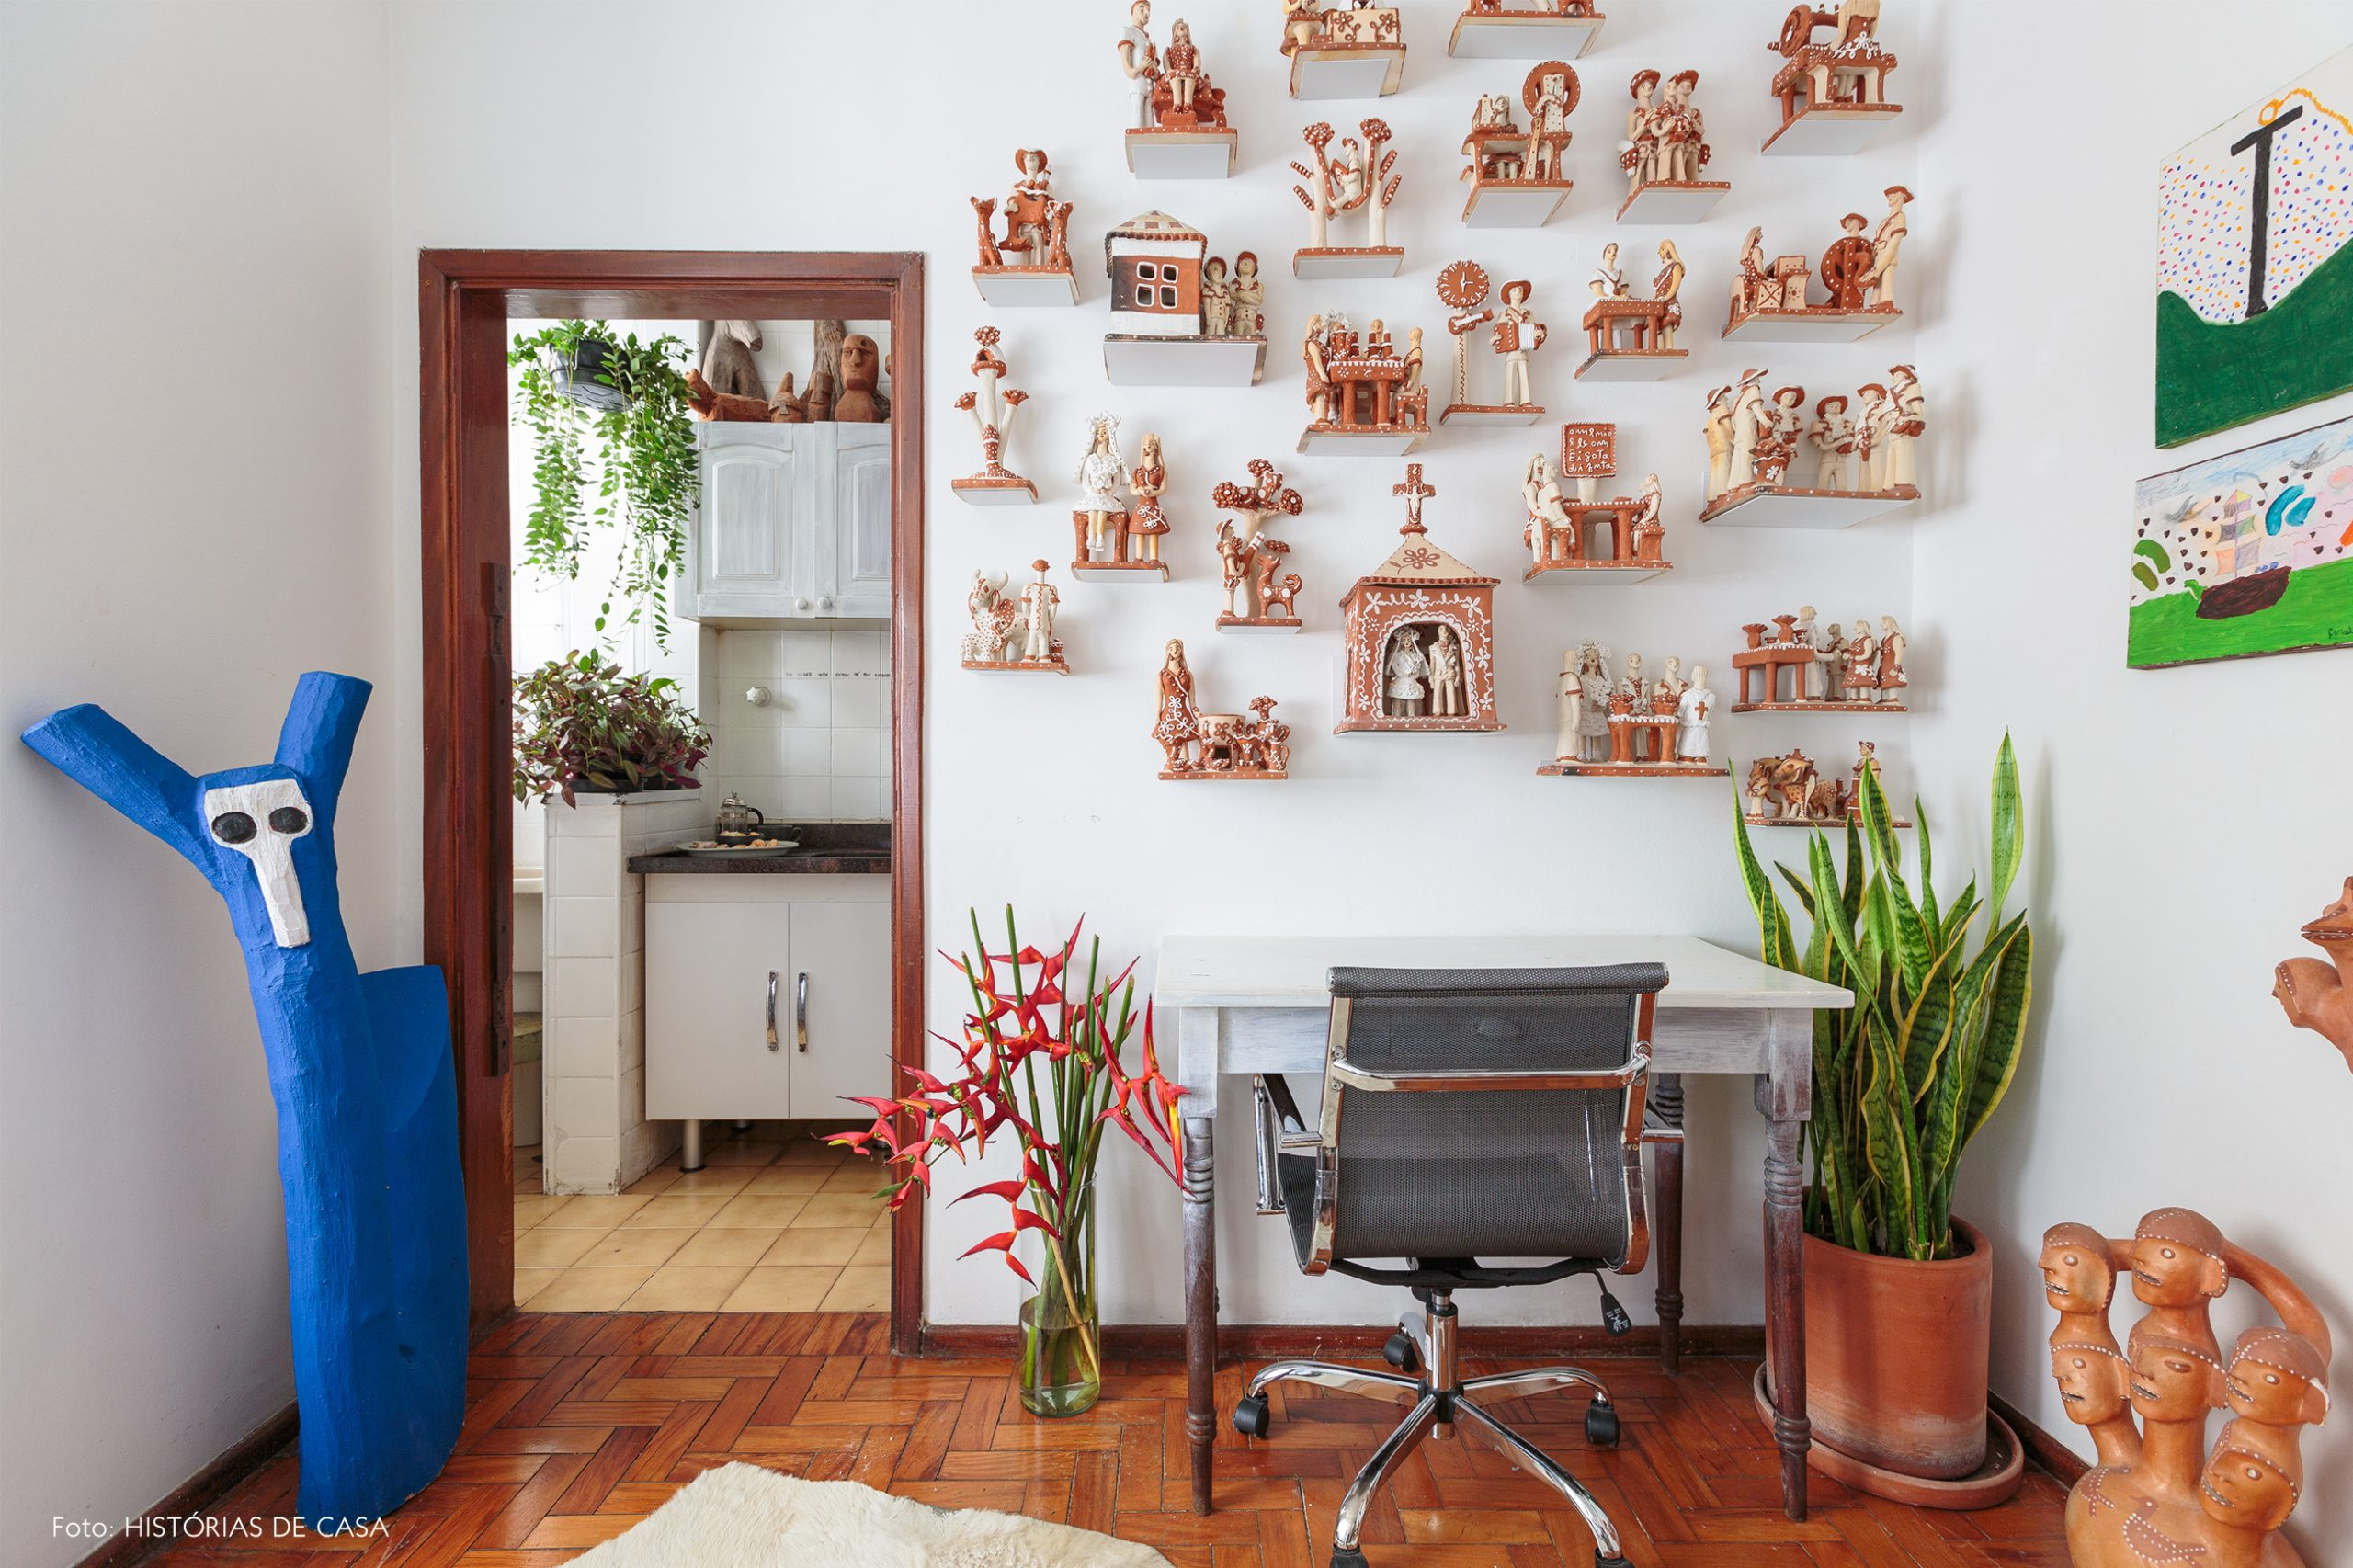 decoração home office com ceramicas e objeto de madeira decorativos